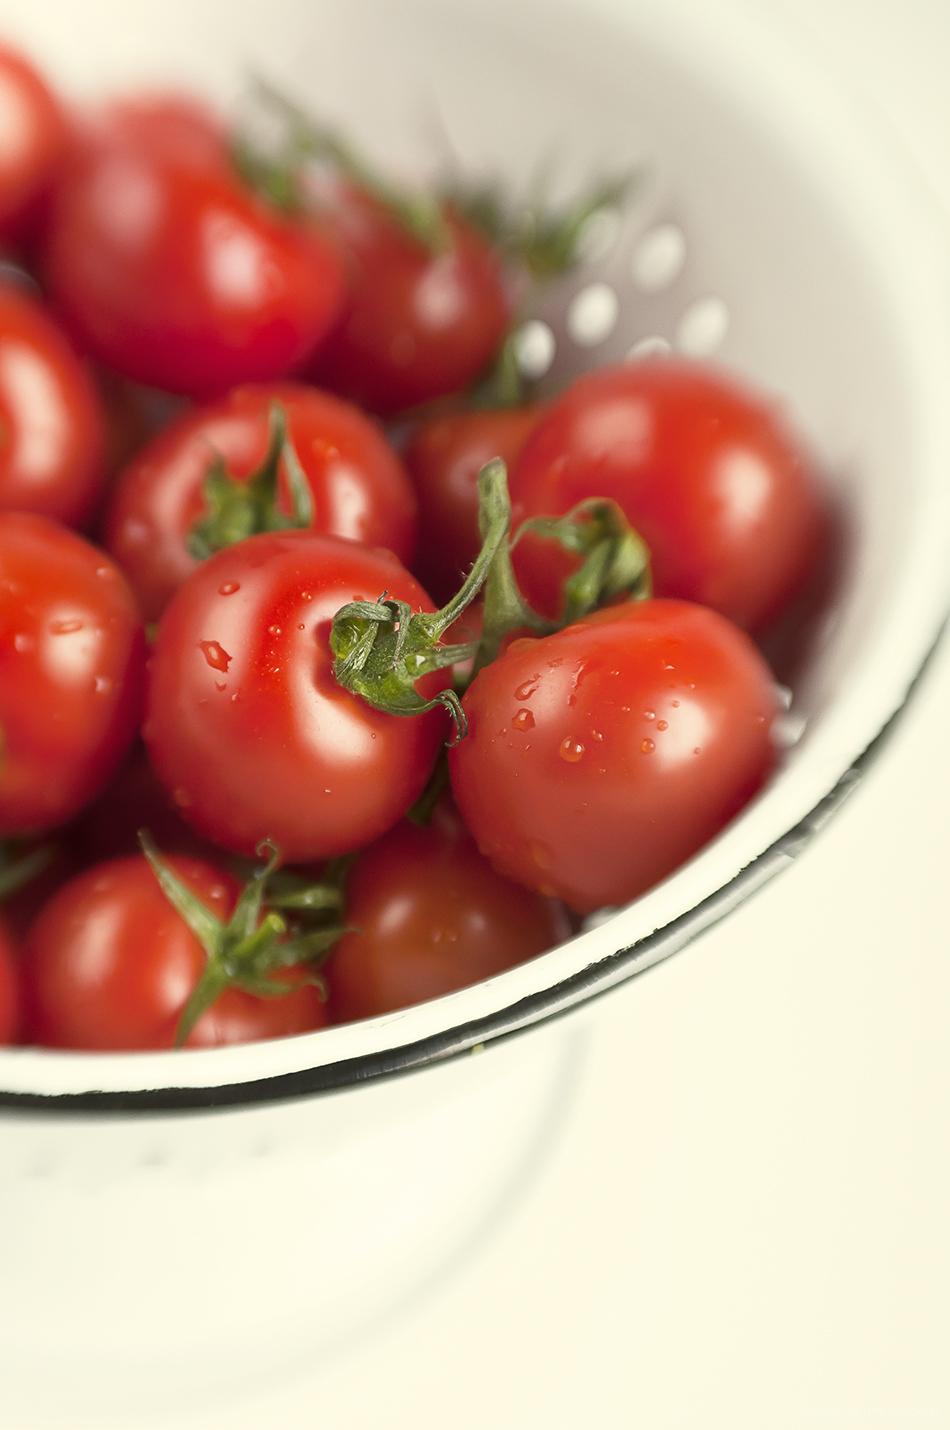 ...You like tomato and I like tomahto...